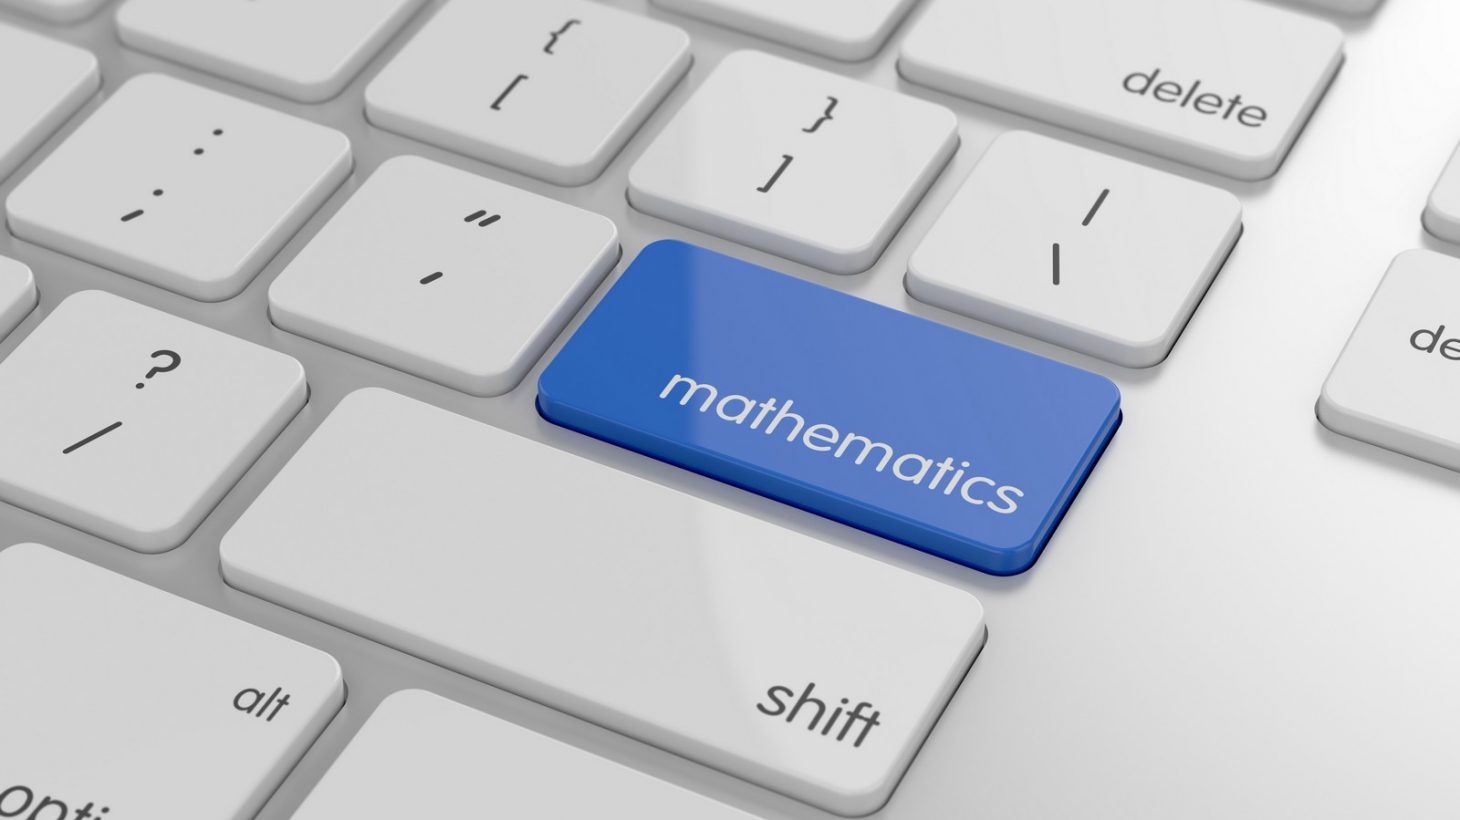 Knapp på tangentbord där det står matematik.